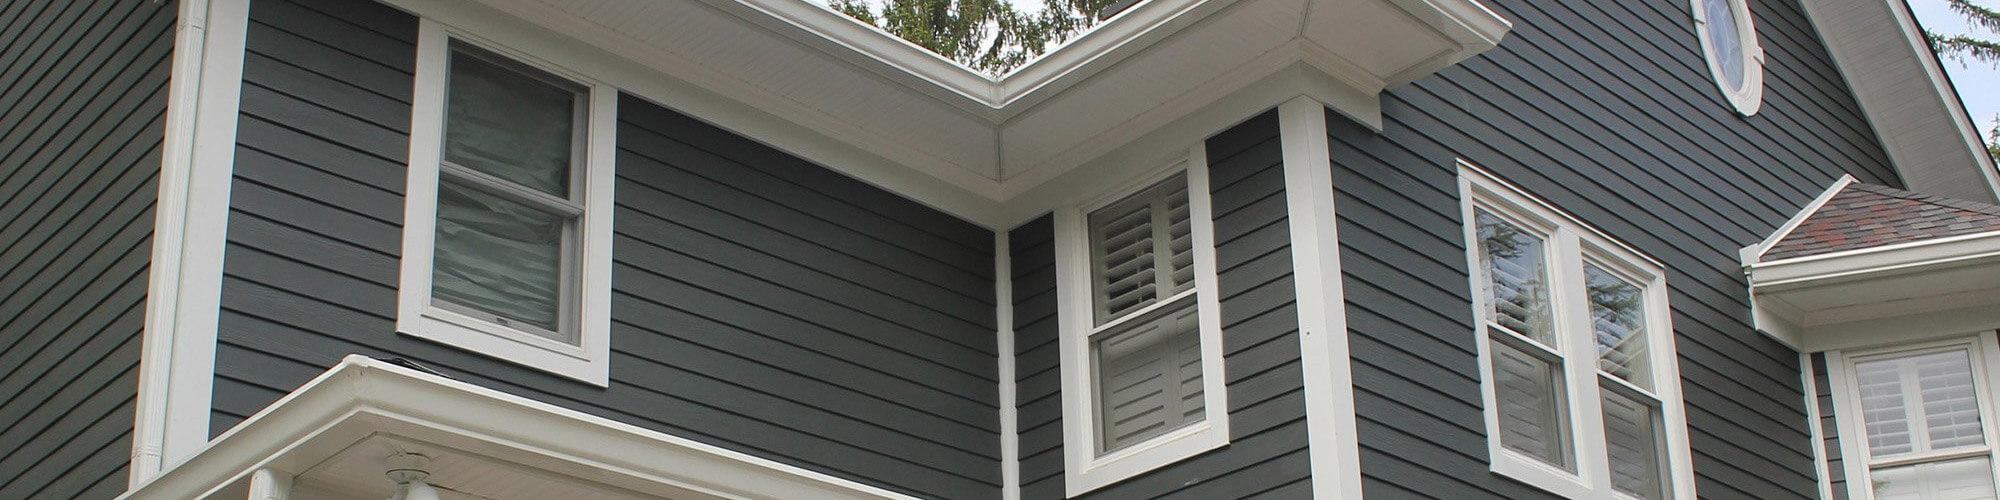 Wooden window installation